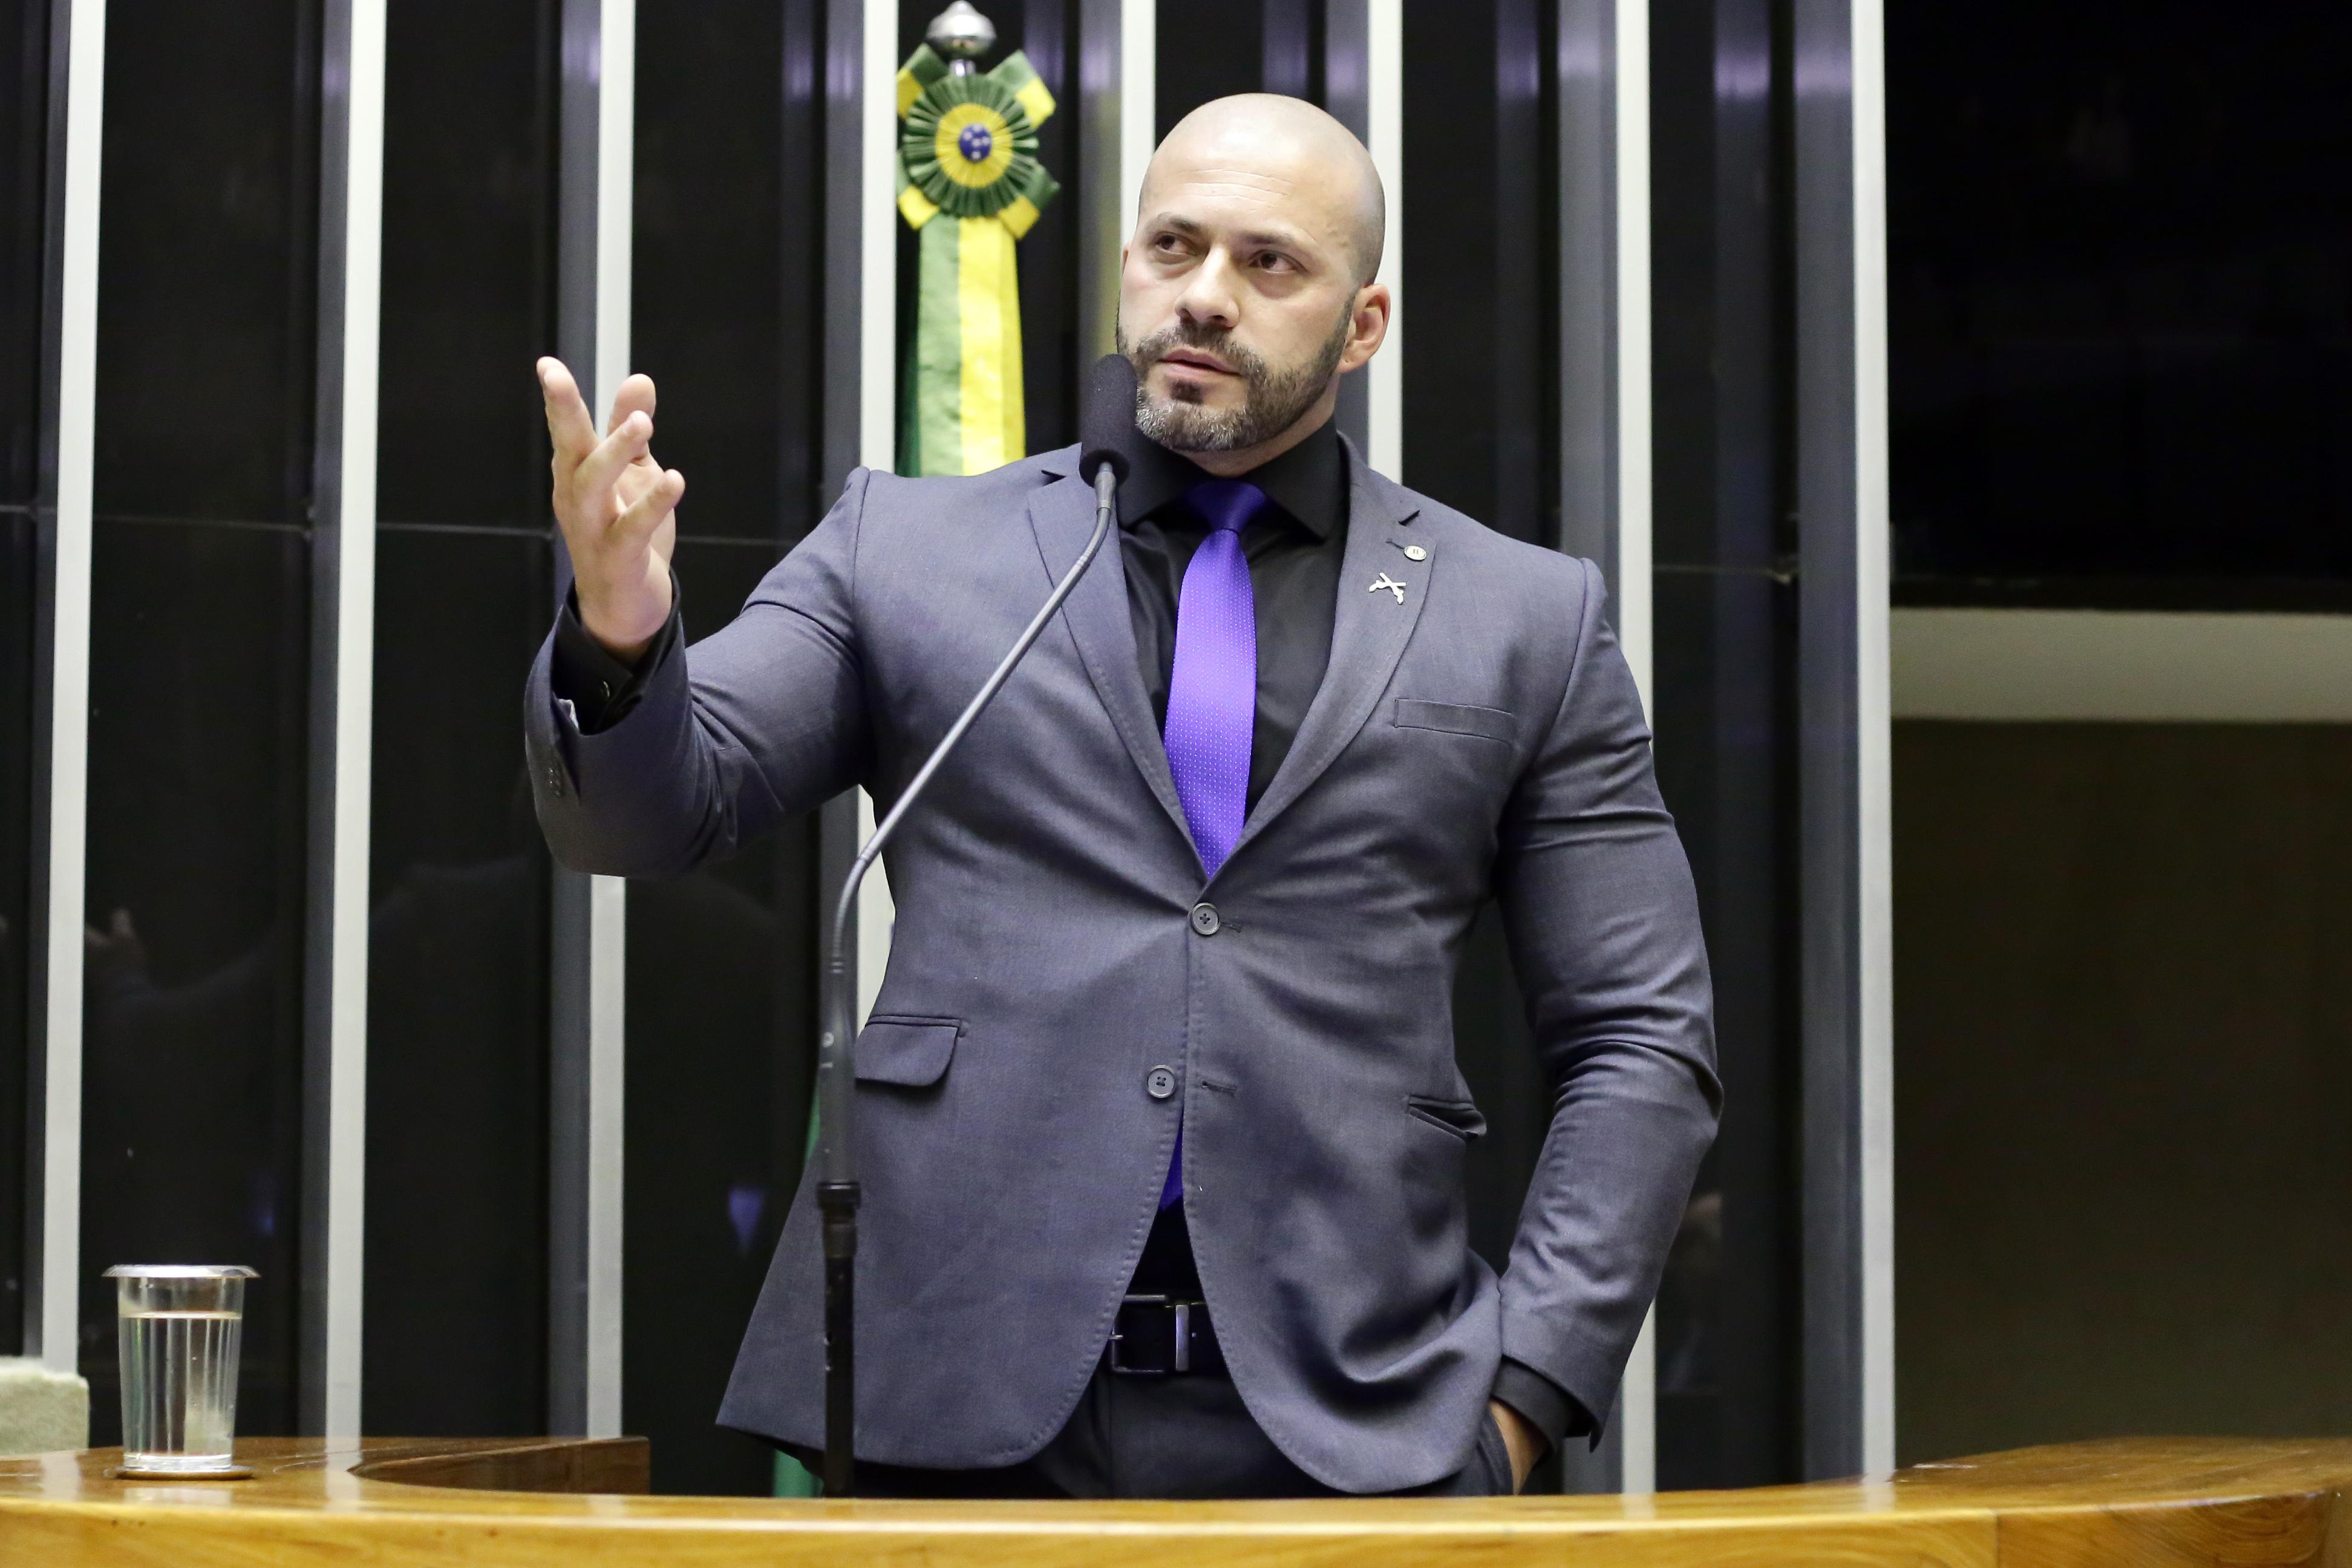 IMAGEM: Os projetos apresentados por Daniel Silveira na Câmara